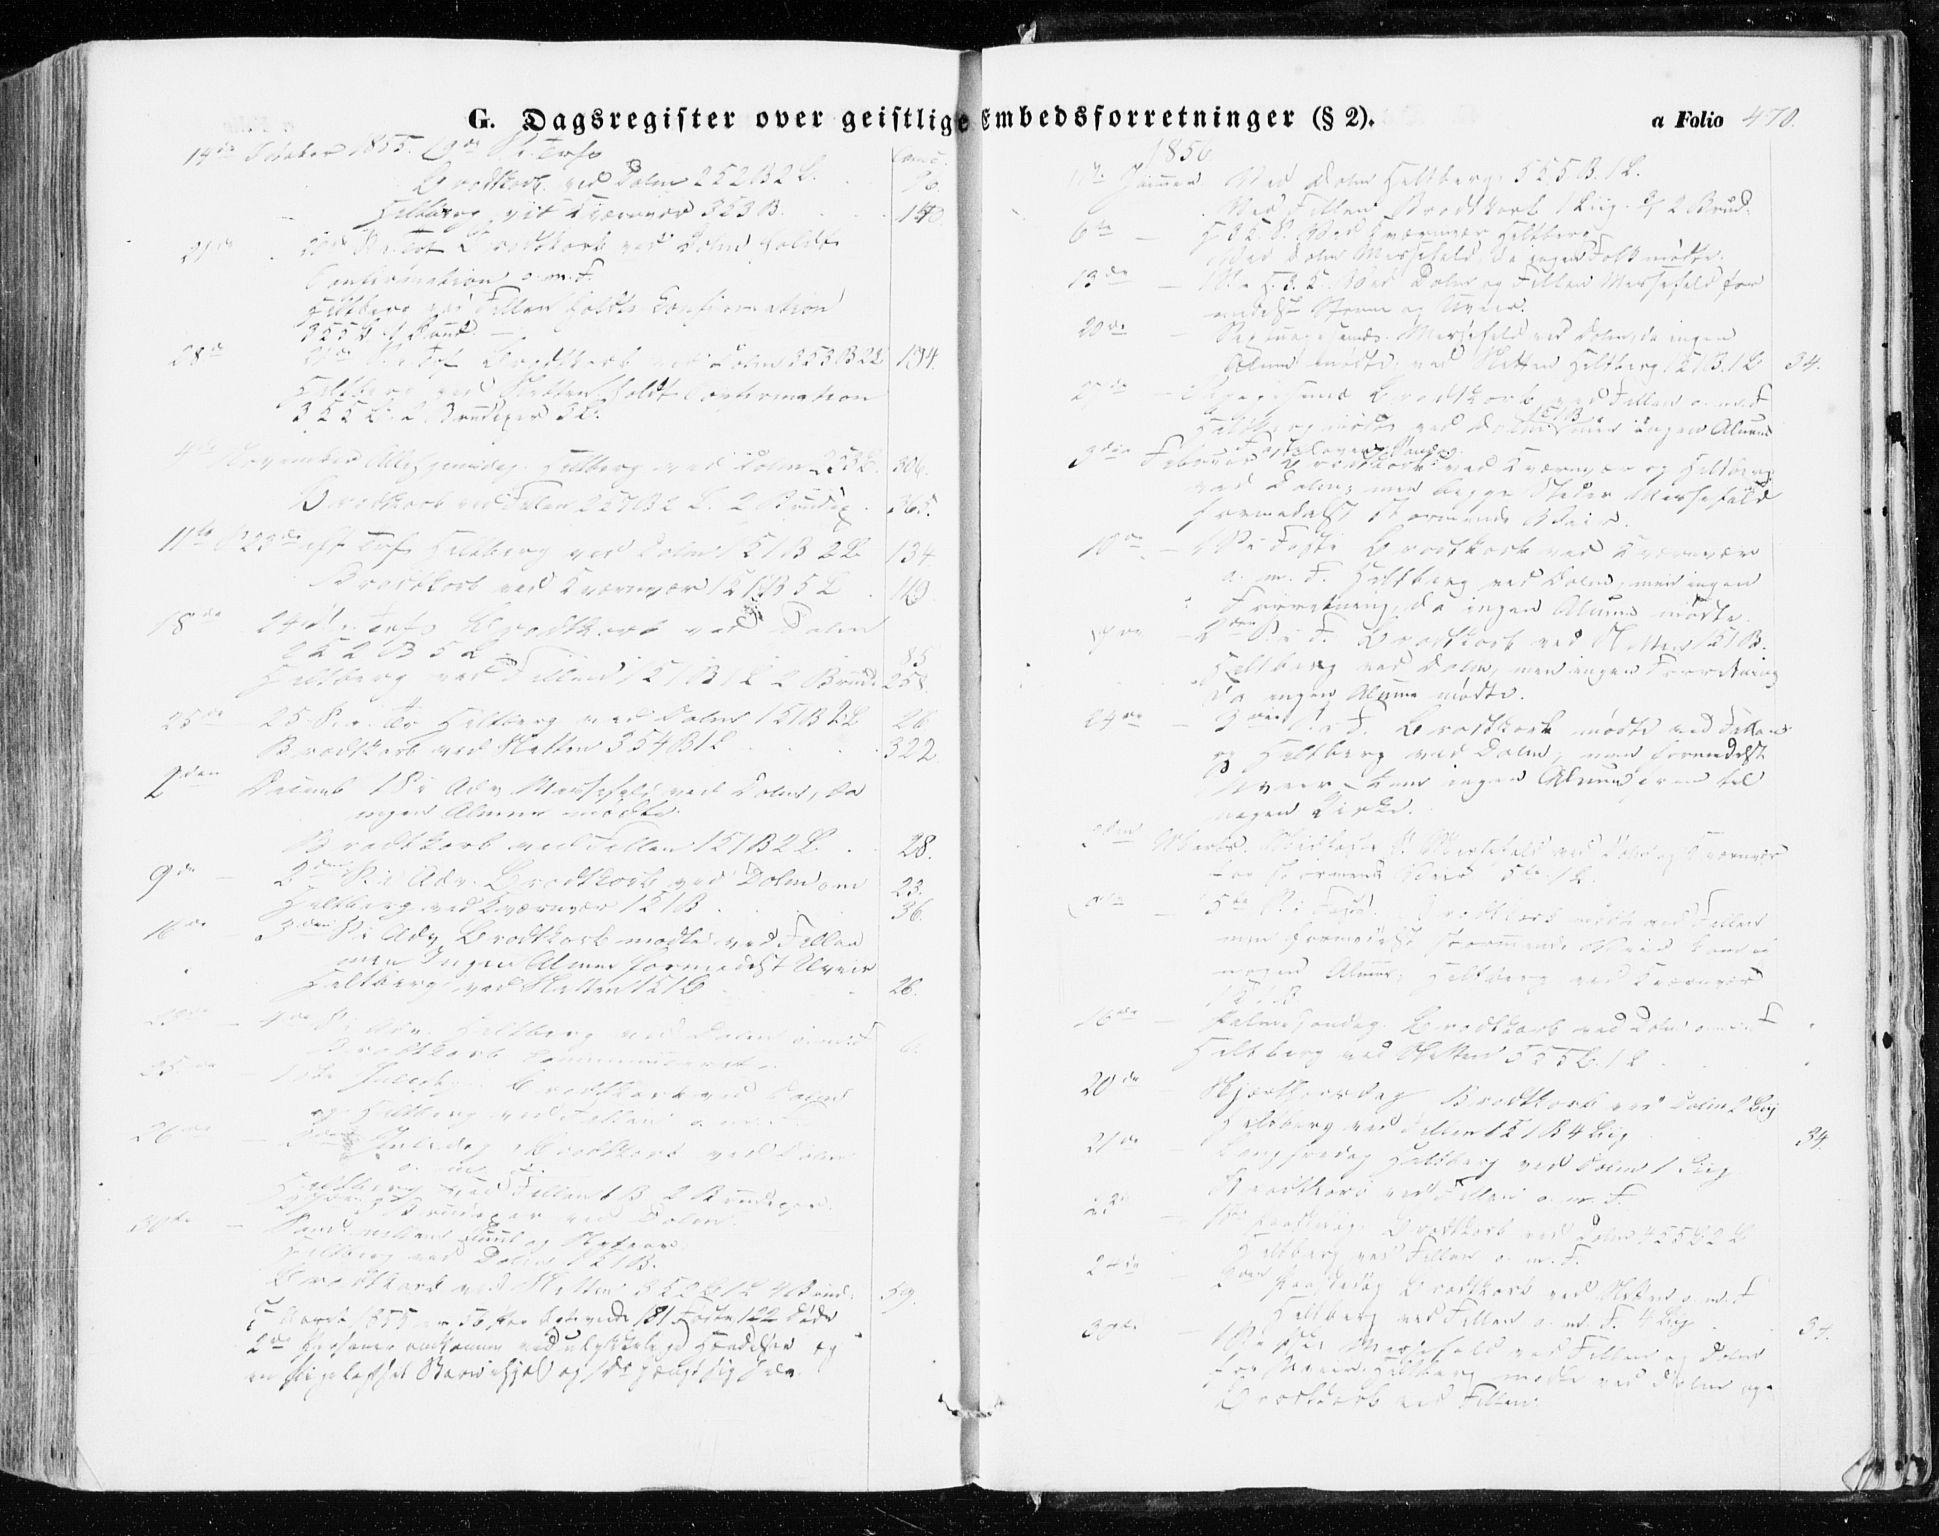 SAT, Ministerialprotokoller, klokkerbøker og fødselsregistre - Sør-Trøndelag, 634/L0530: Ministerialbok nr. 634A06, 1852-1860, s. 470